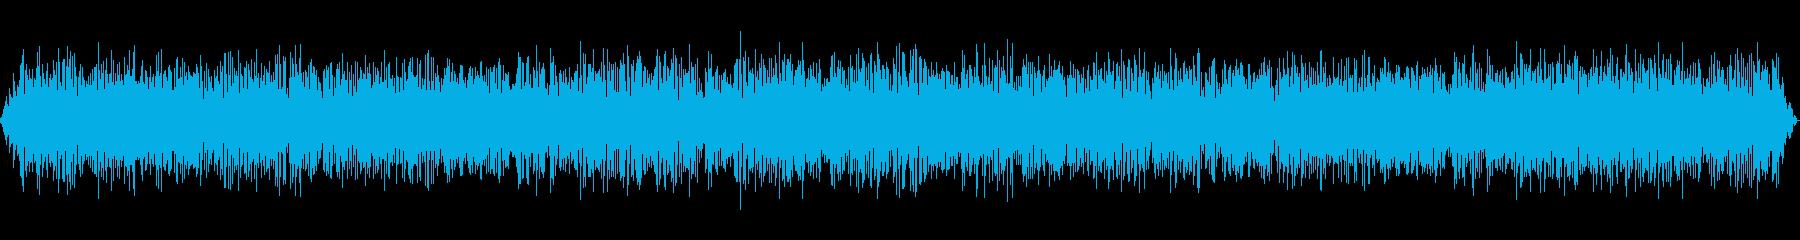 オートバイのエンジンのアイドリングの再生済みの波形